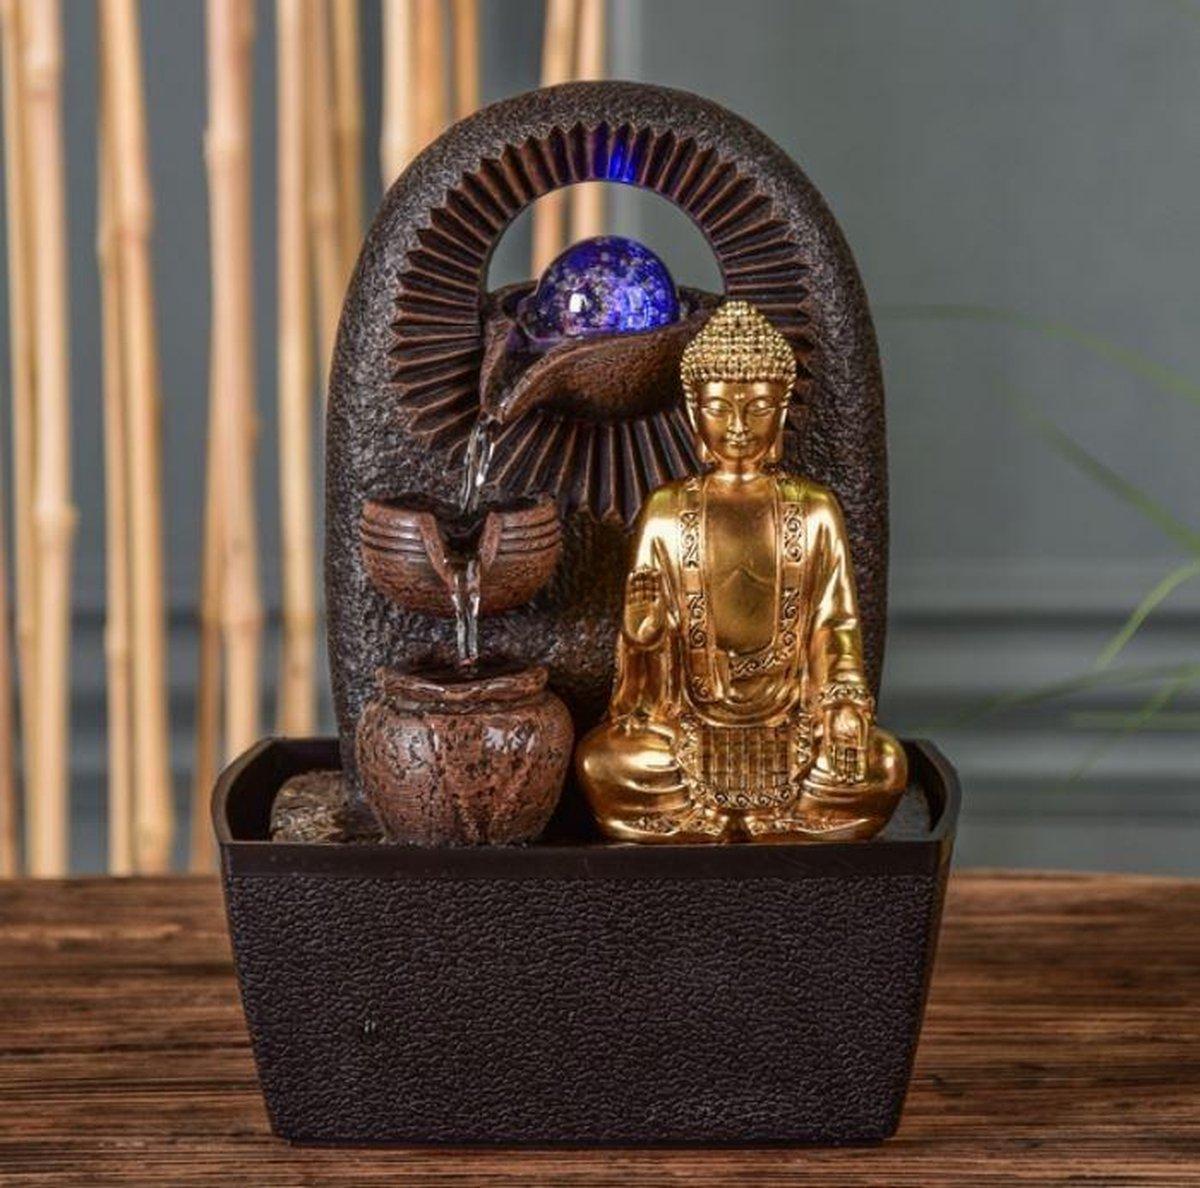 Boeddha Bhava Relax - fontein - interieur - fontein voor binnen - relaxeer - zen - waterornament - cadeau - geschenk - relatiegeschenk - origineel - lente - zomer - lentecollectie - zomercollectie - afkoeling - koelte